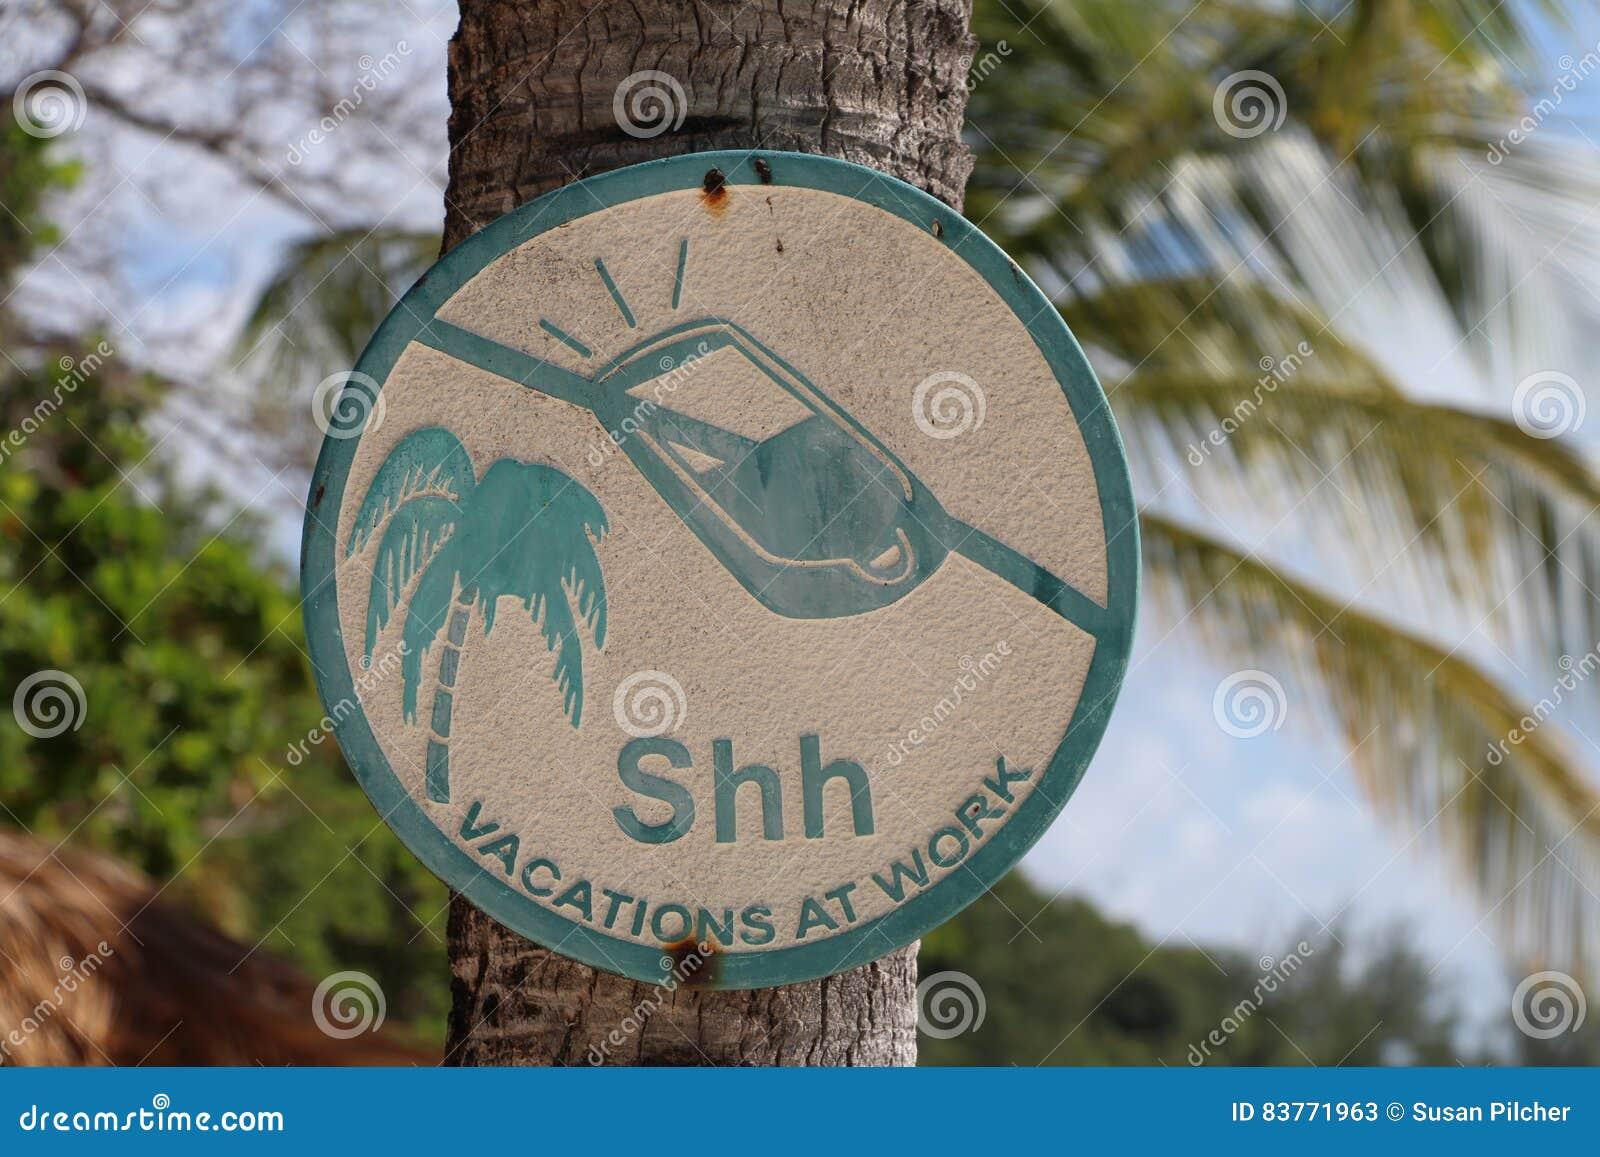 Geen mobiel telefoonteken die op palm, ssh vakanties op het werk hangen